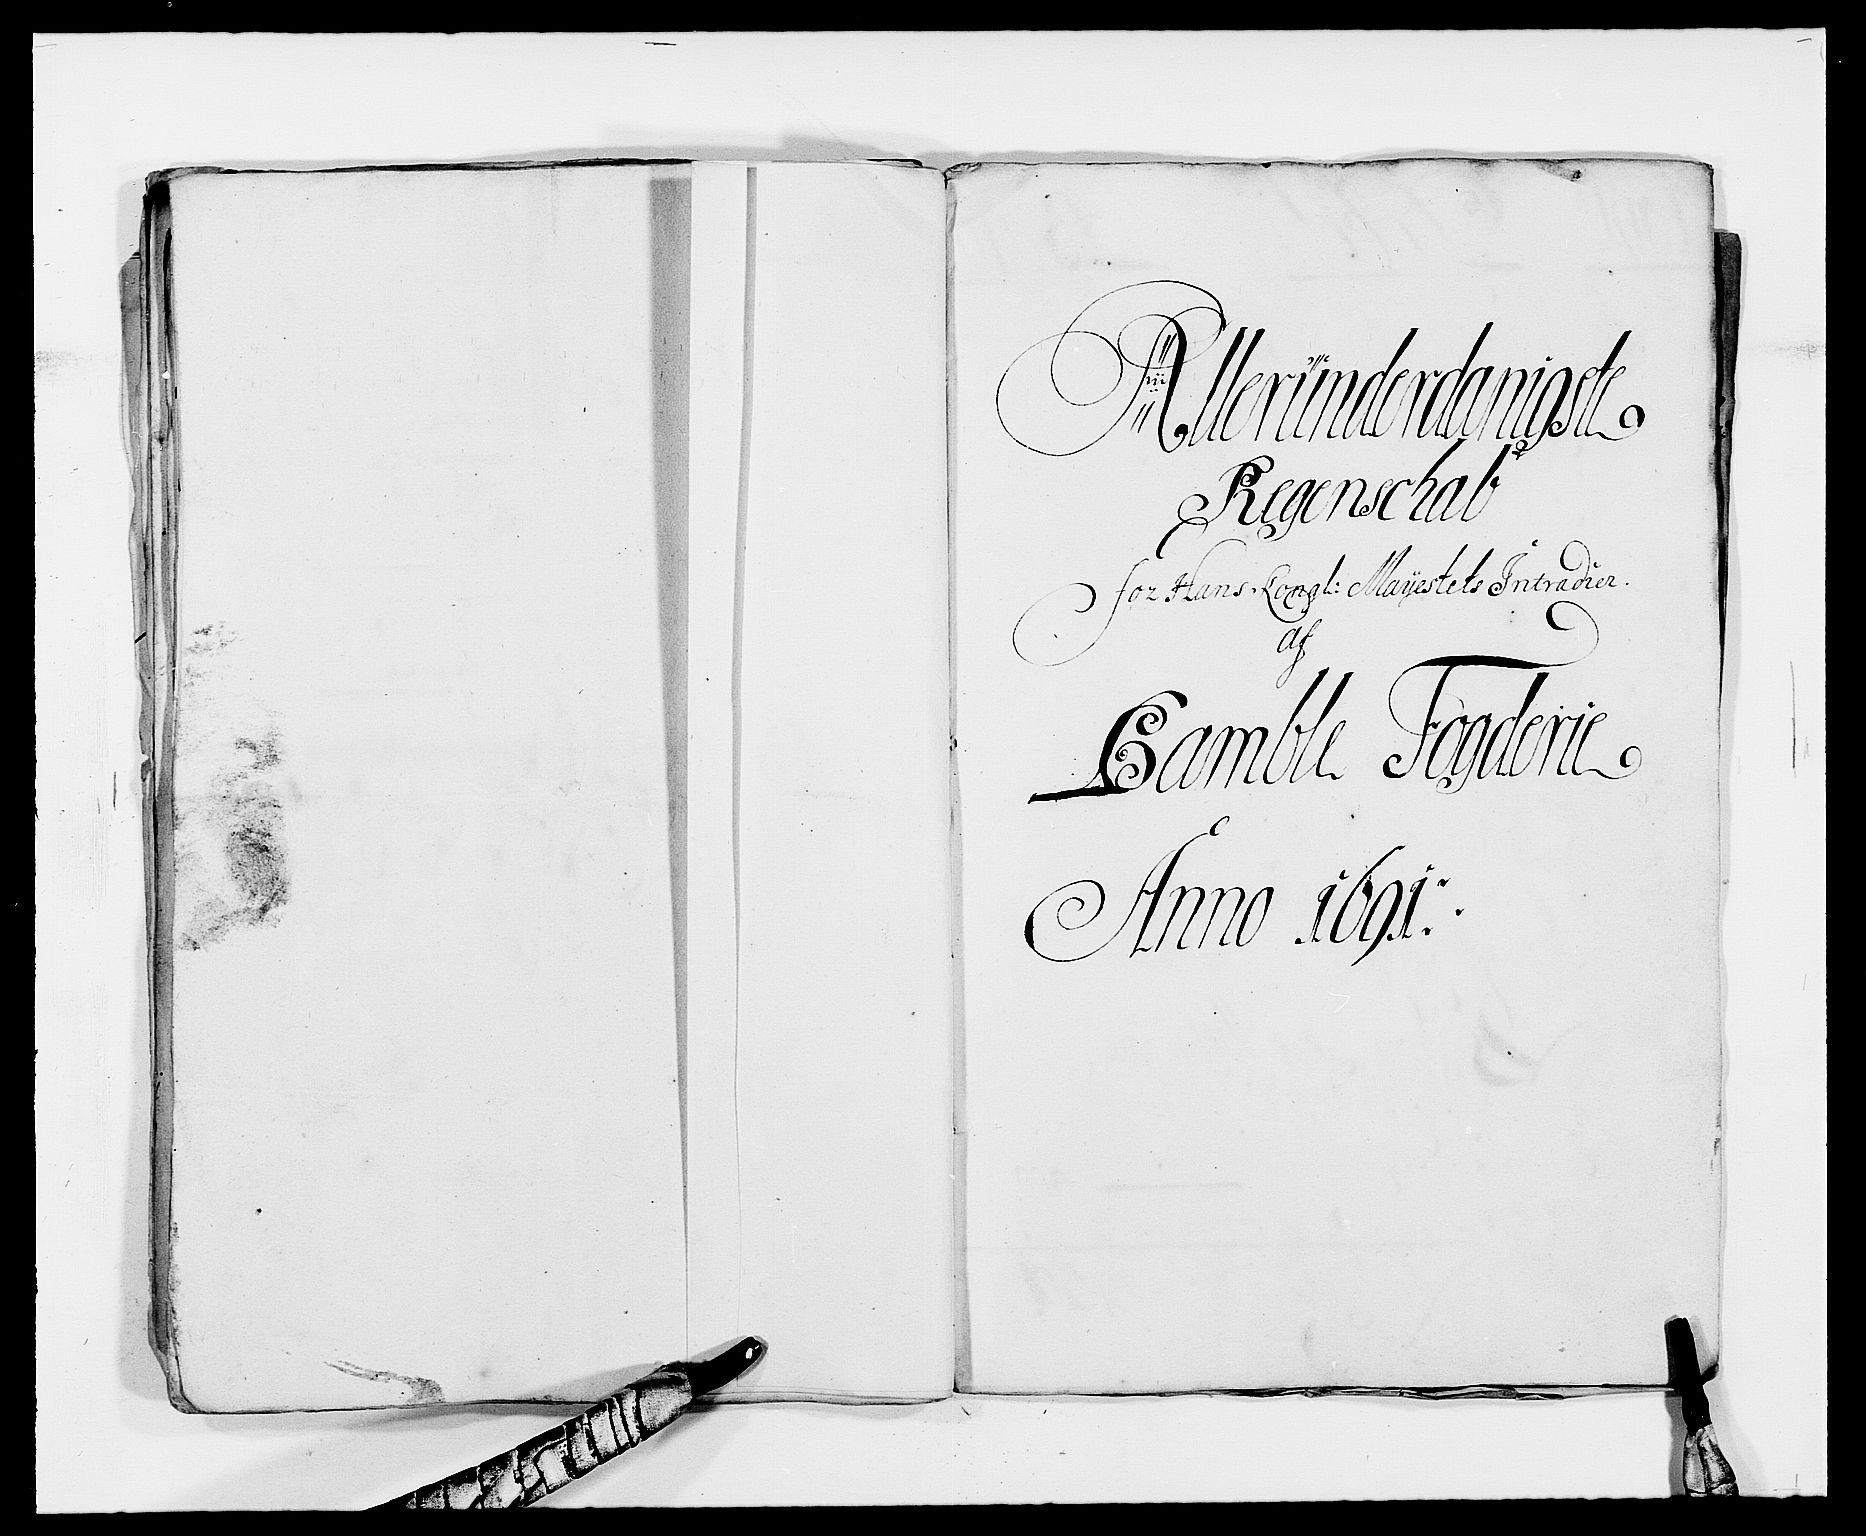 RA, Rentekammeret inntil 1814, Reviderte regnskaper, Fogderegnskap, R34/L2050: Fogderegnskap Bamble, 1688-1691, s. 31